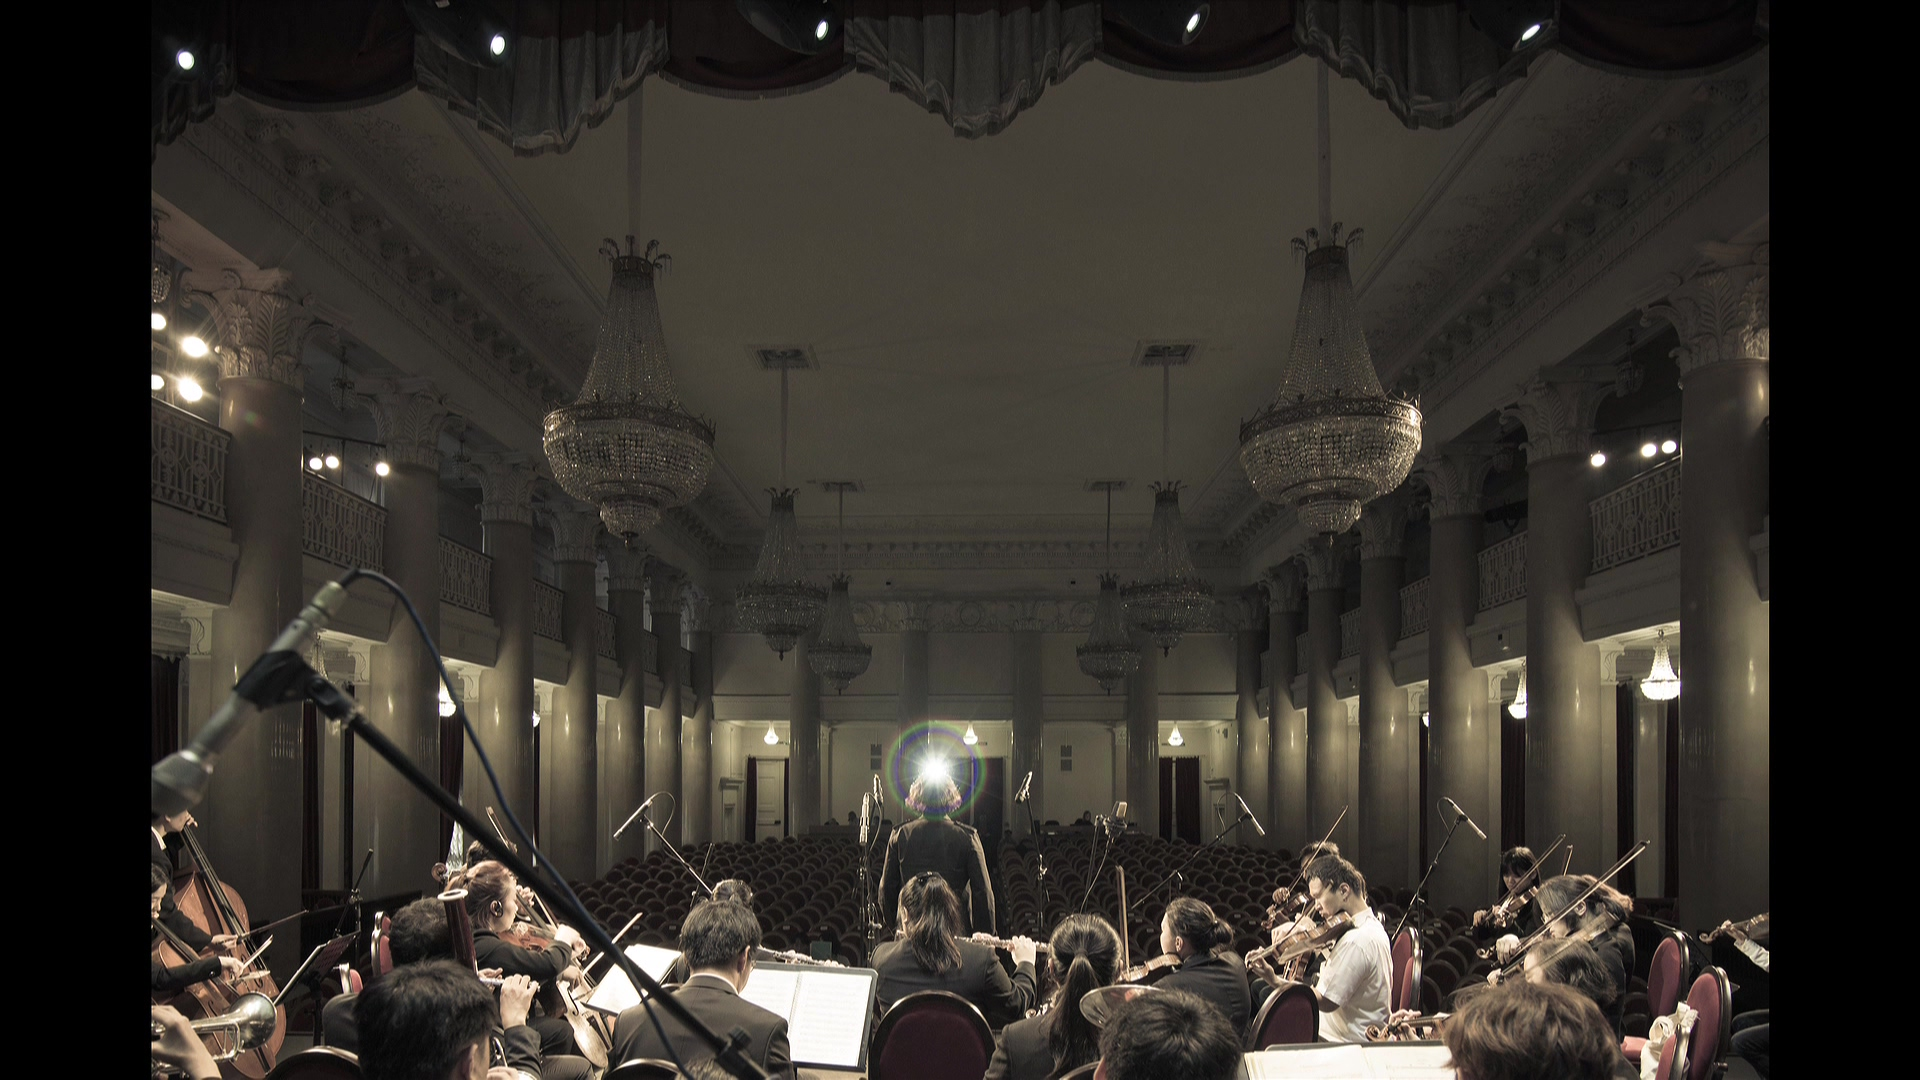 빛의 오케스트라